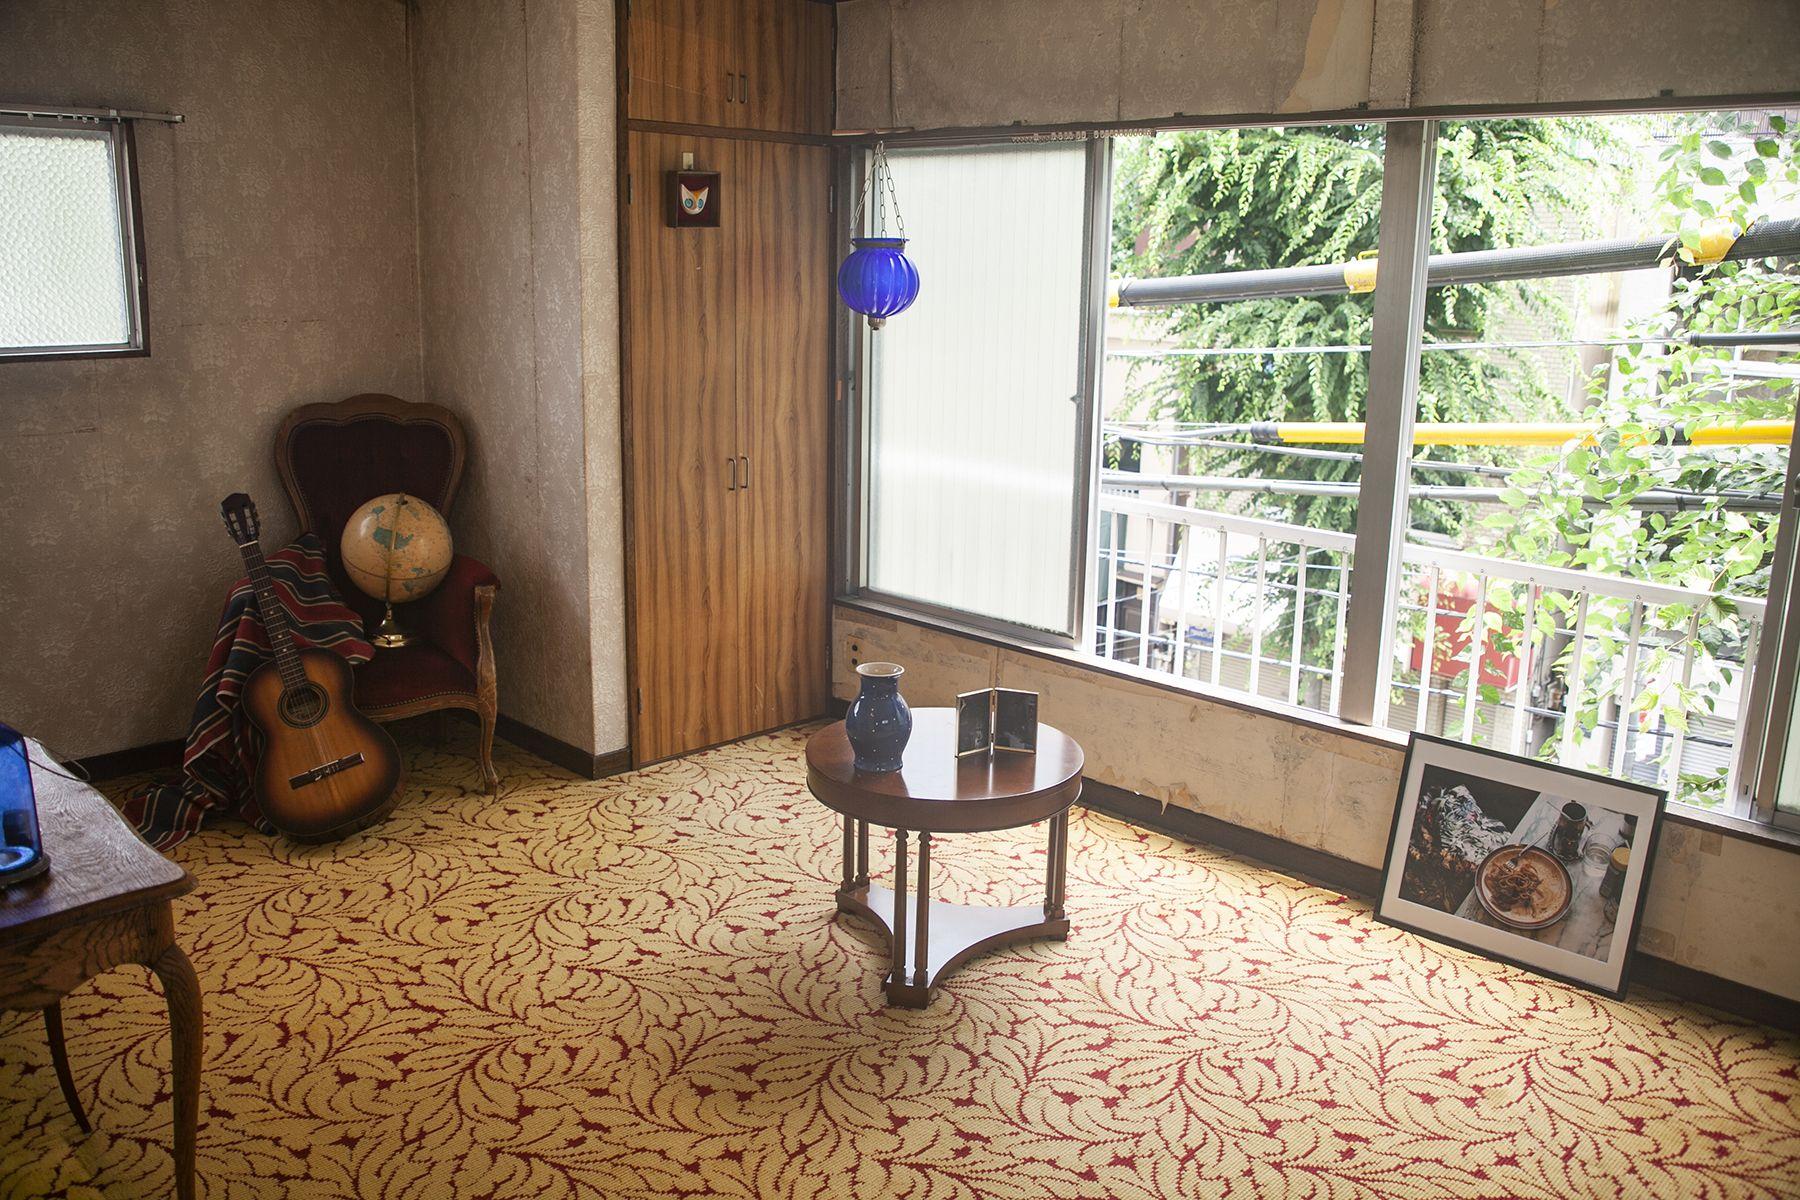 塩/シェアアトリエ (ropeマネジメントスペース)3F 洋室窓からレトロな街並